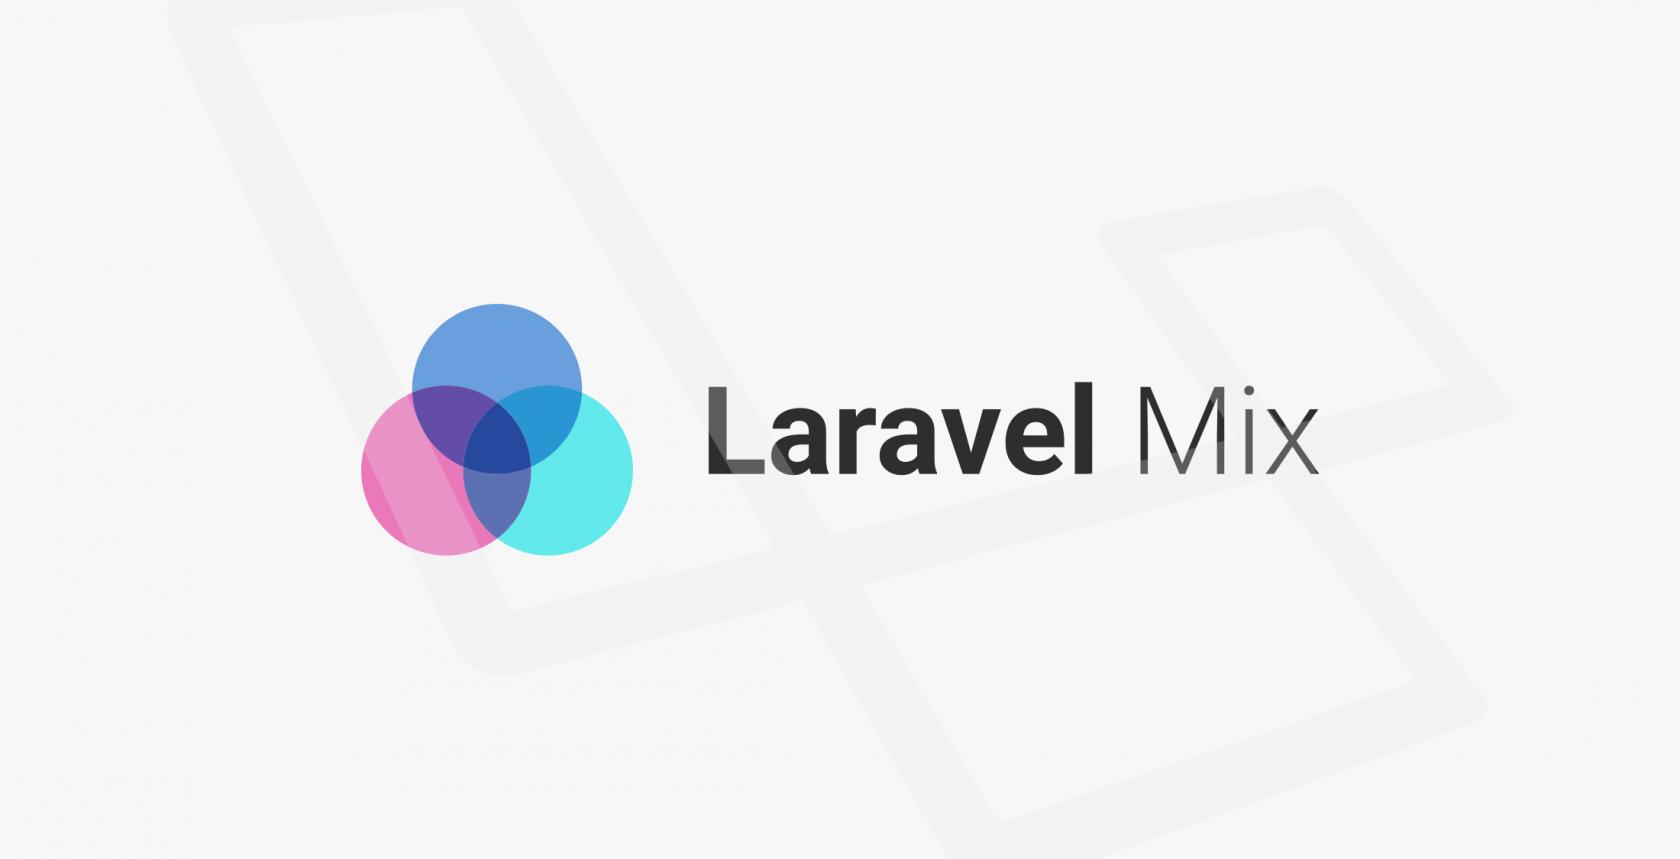 laravel-mix